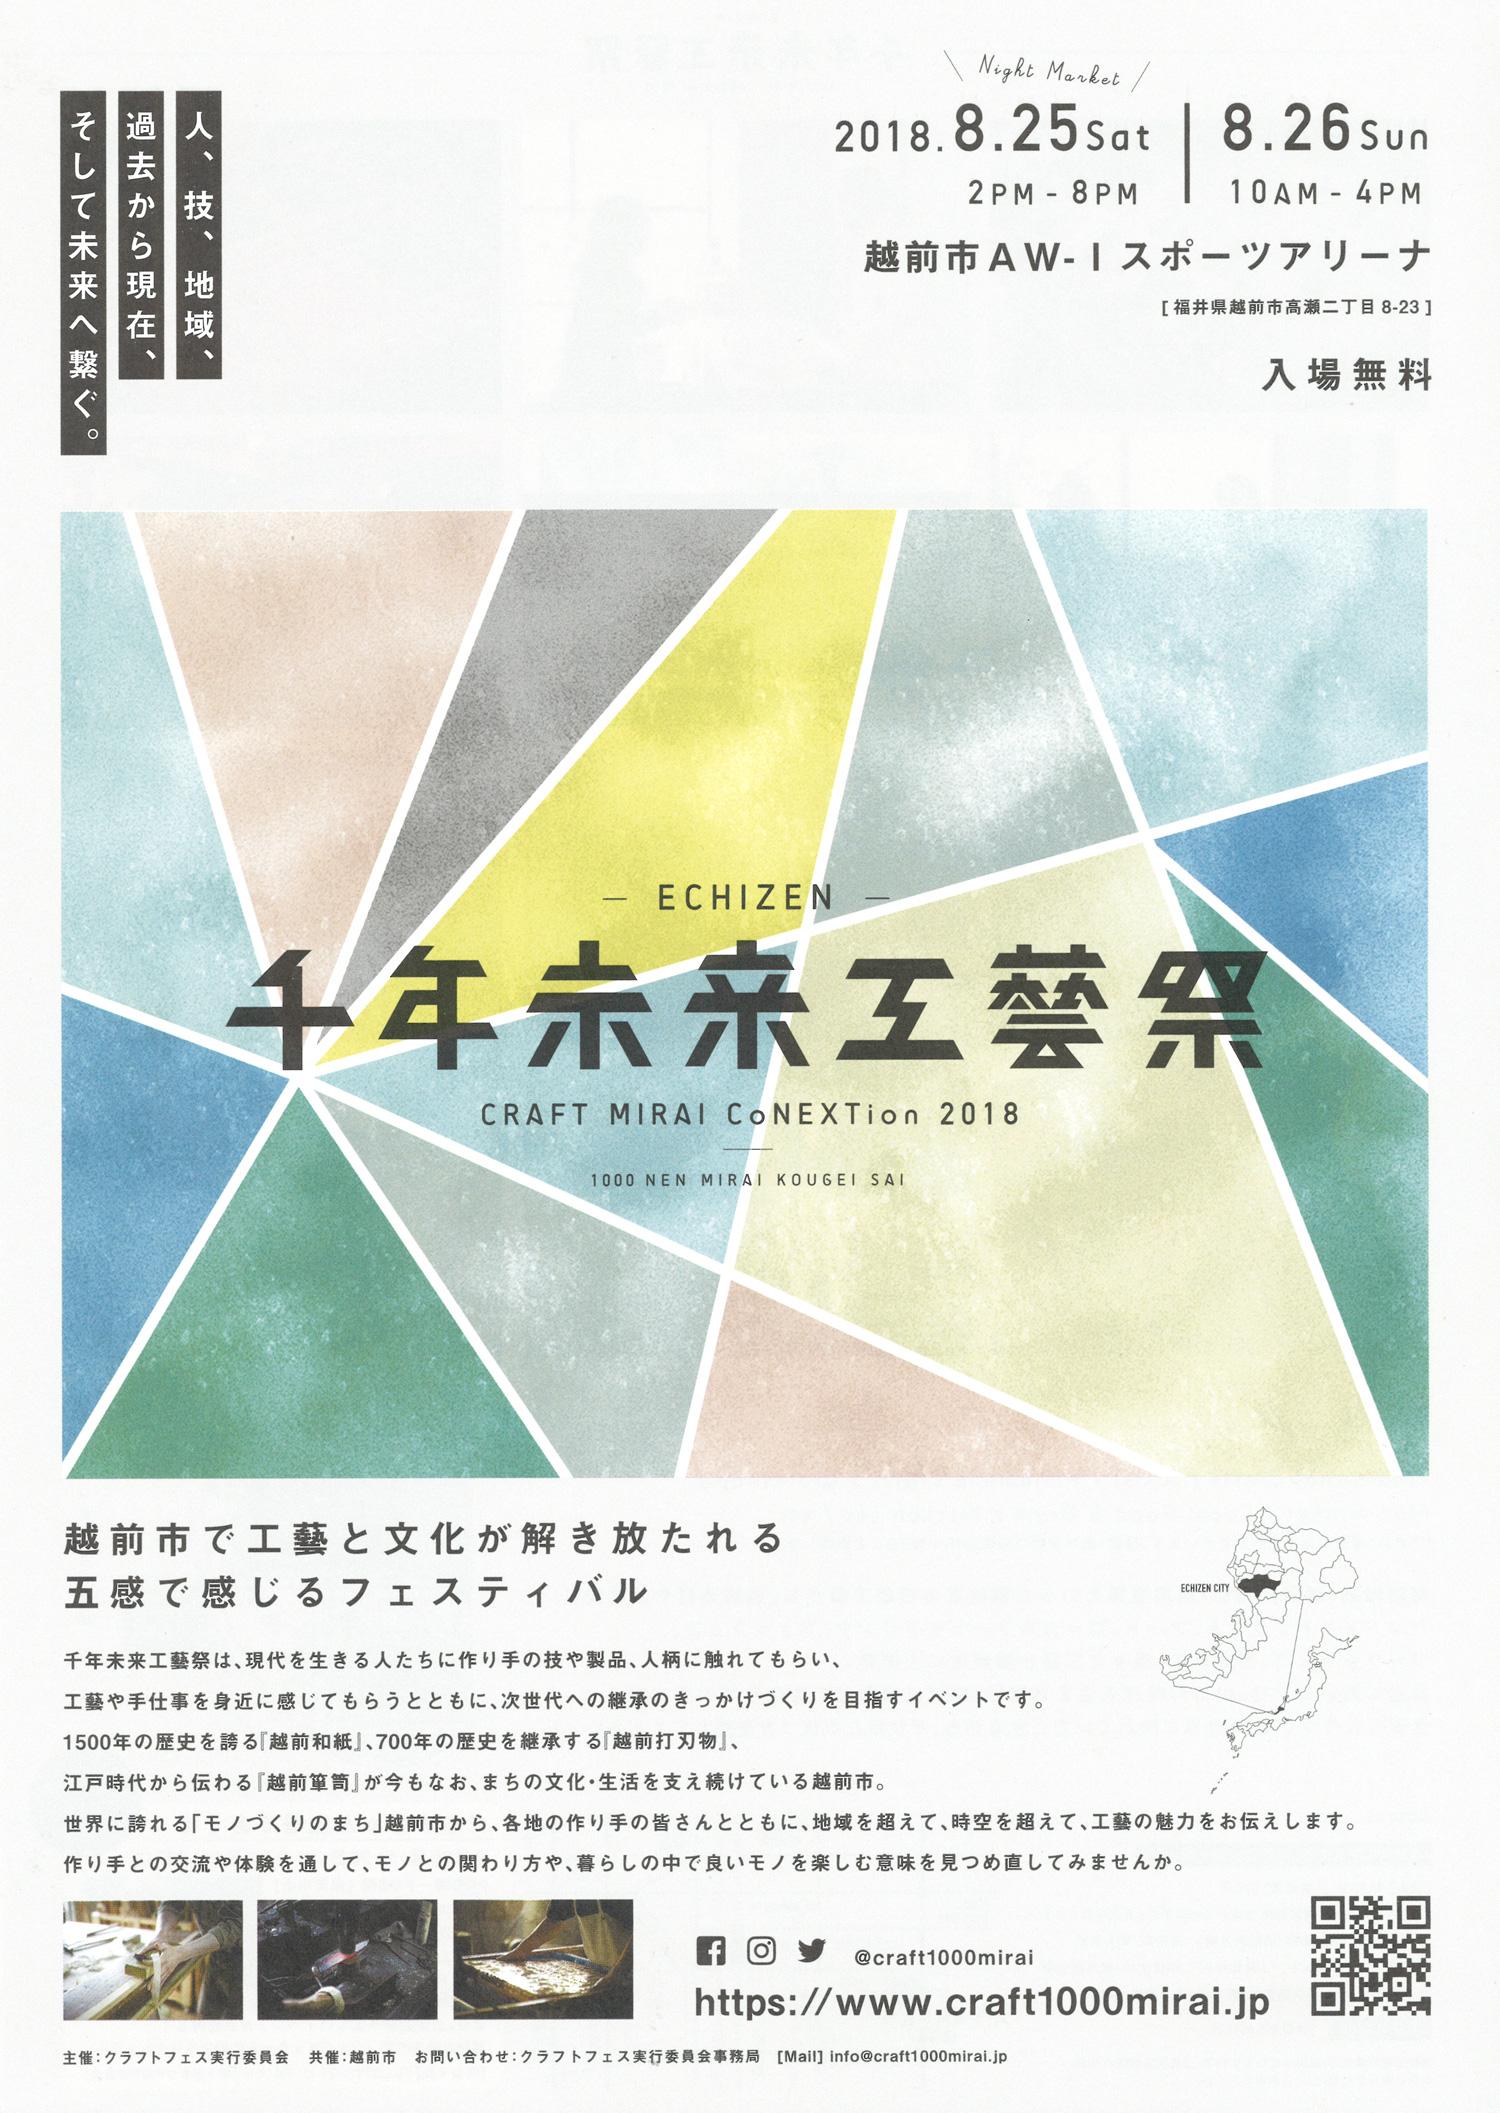 千年未来工藝祭 - ECHIZEN – CRAFT MIRAI CoNEXTion 2018